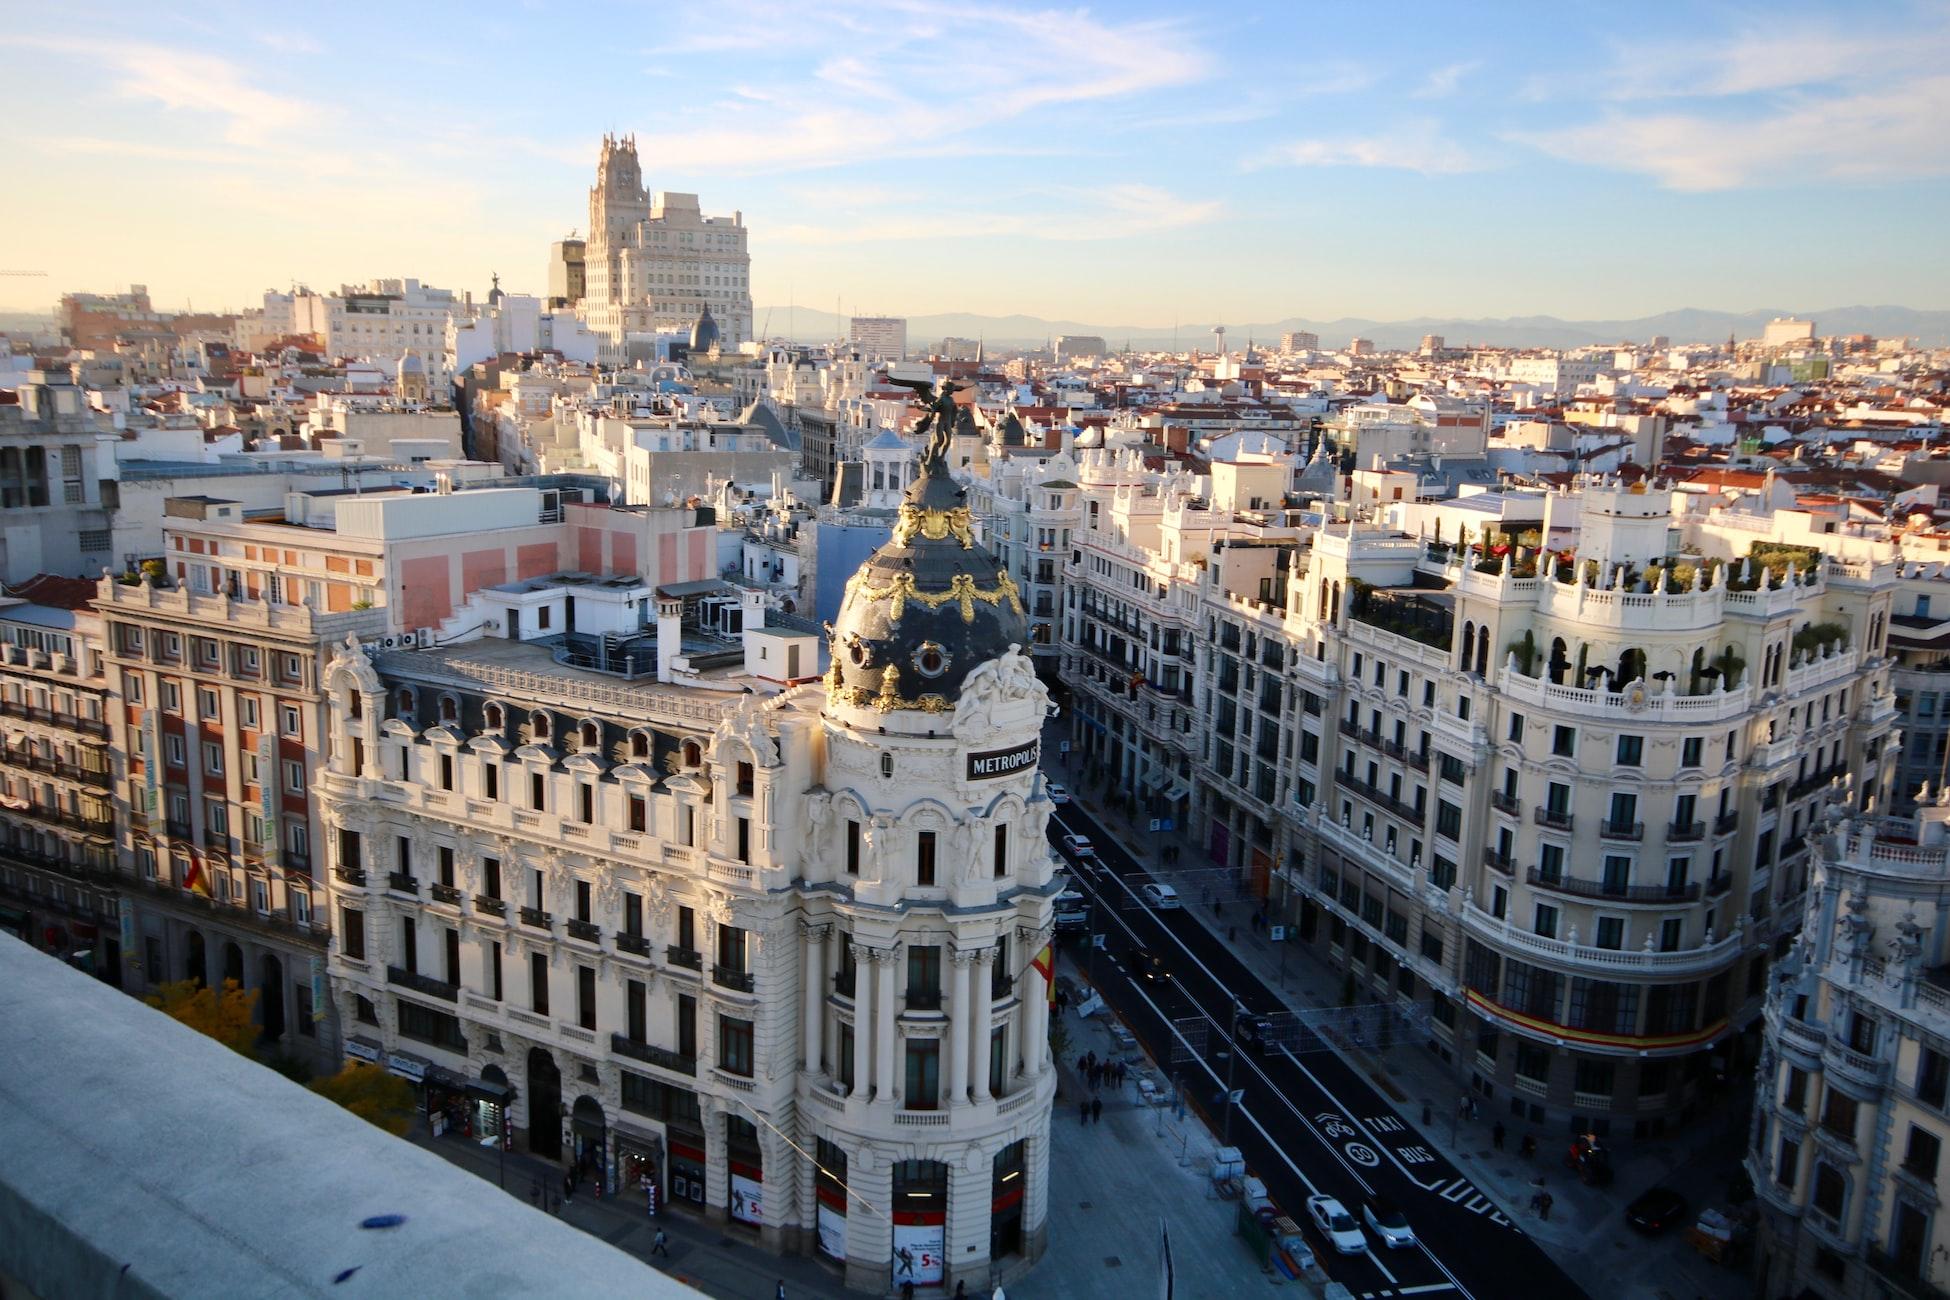 Image from Nolon España